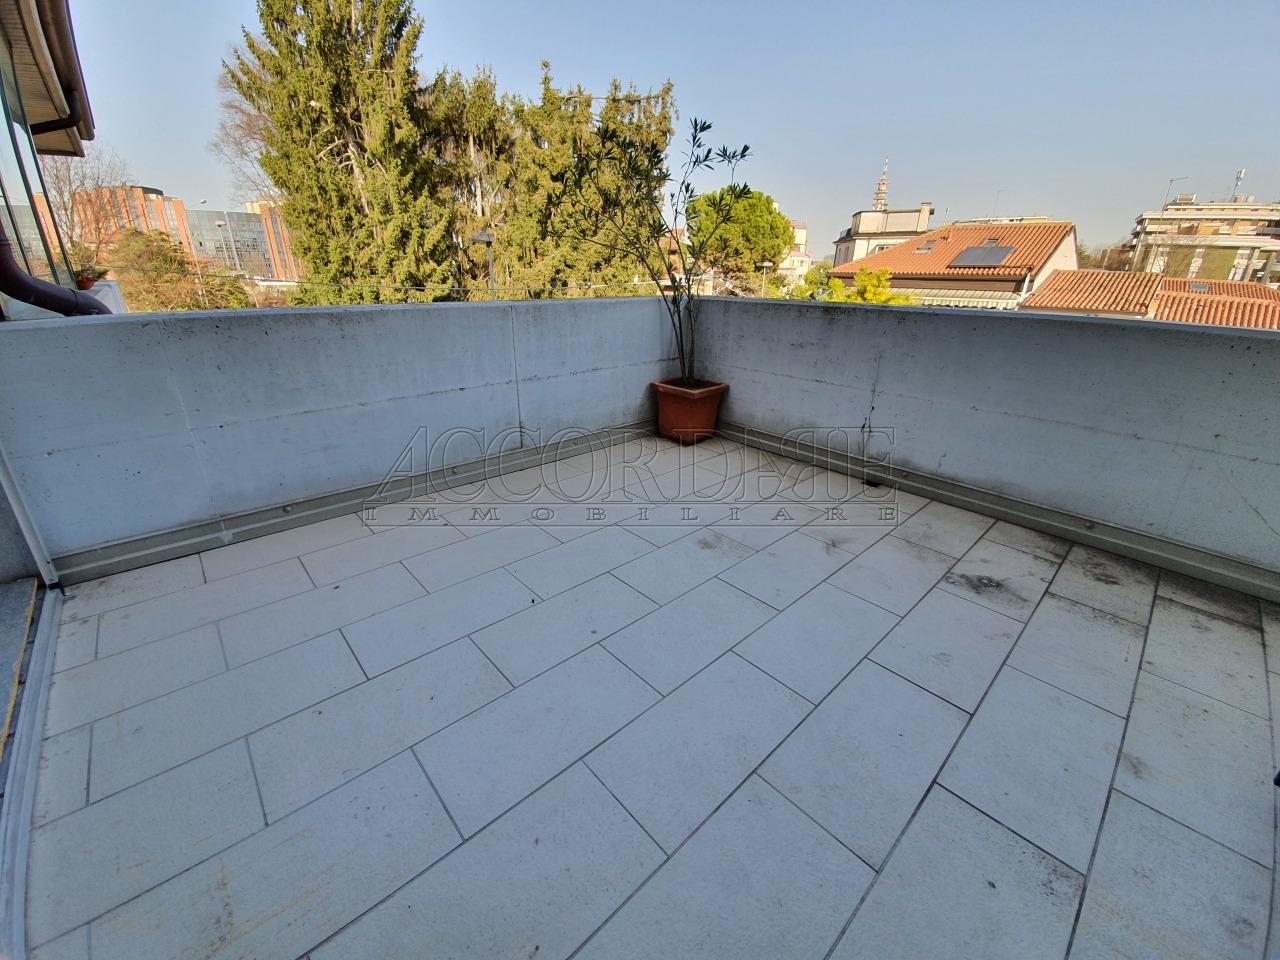 Appartamento in vendita a Padova, 7 locali, prezzo € 265.000 | PortaleAgenzieImmobiliari.it